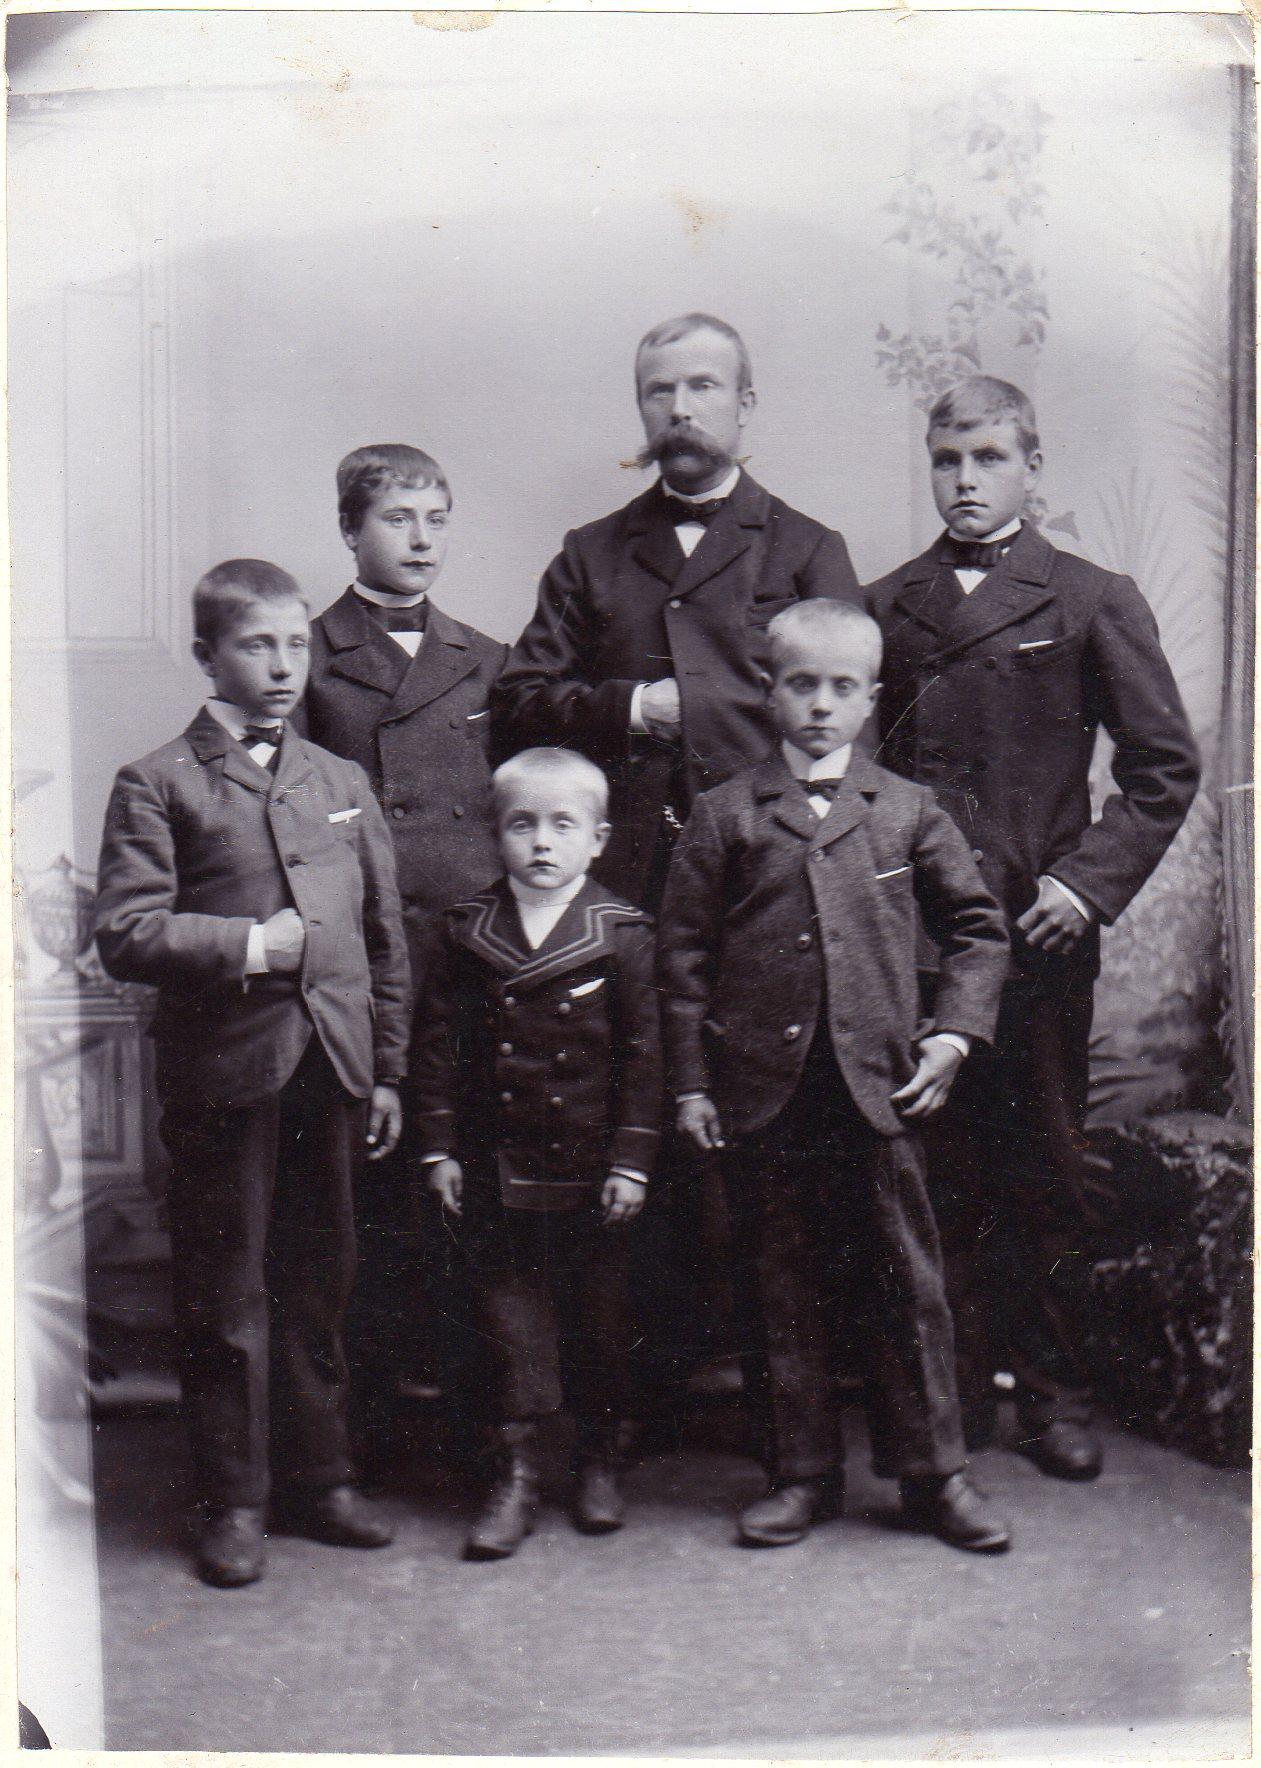 Mannen med den flotte barten er Johannes Pettersen Leren, til vanlig kalt «skredderen». Han kjøpte bruket i 1890 og var den første av vår slekt på Ulvenaune. Han er her fotografert sammen med sine sønner. Den minste er Elias, født i 1893. Han er far til Arvid Aune som i dag bor på Levanger.